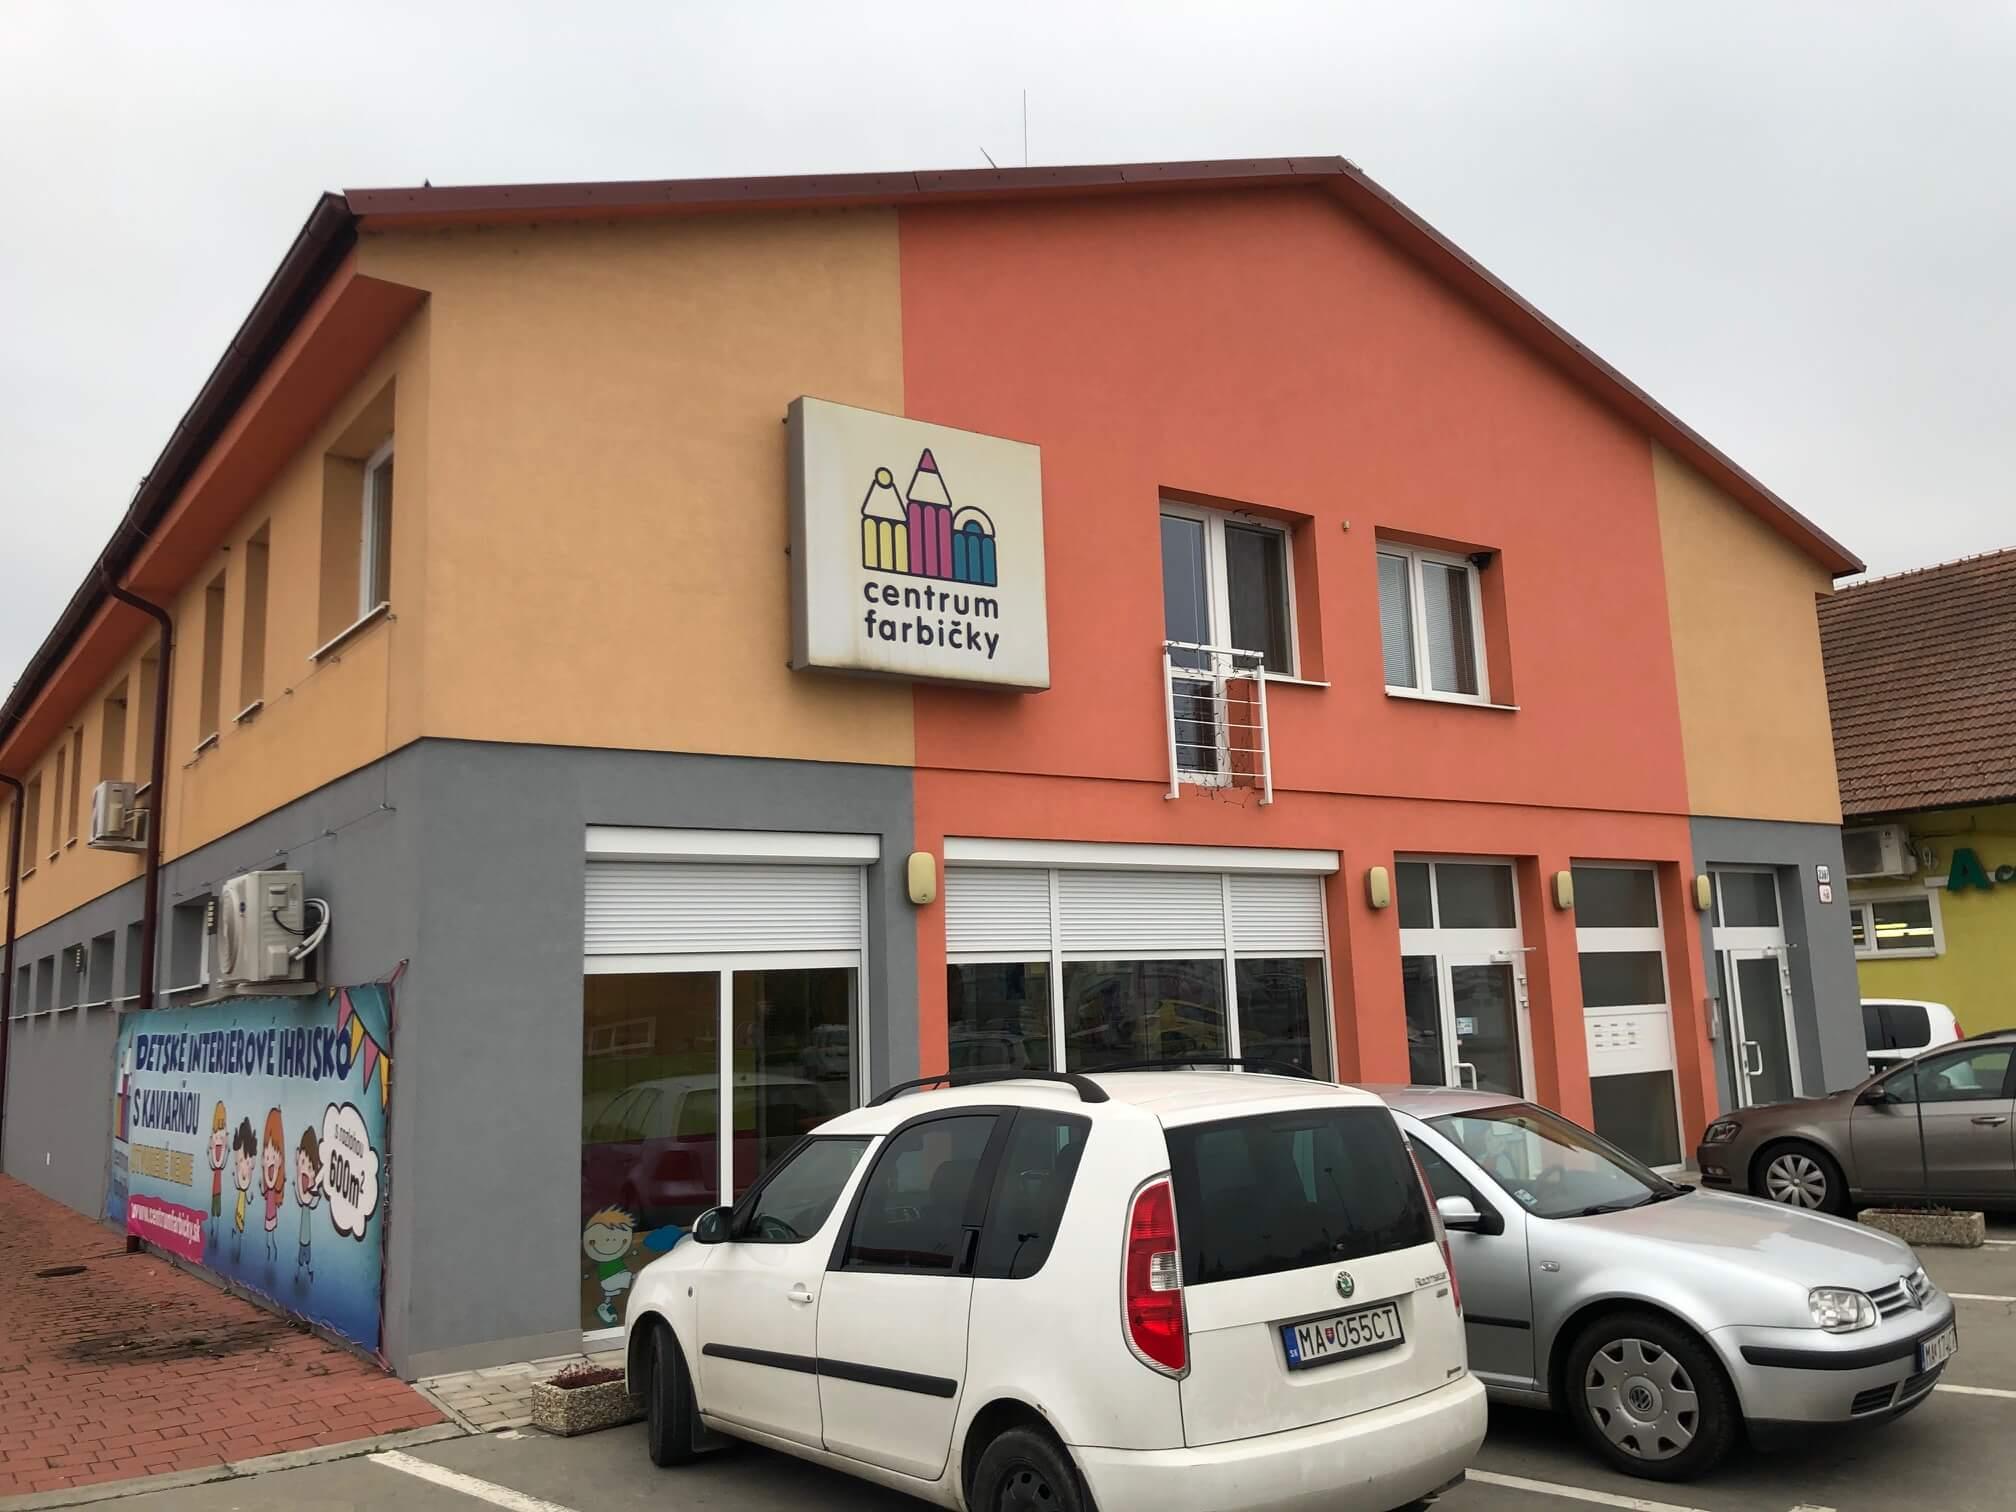 Prenajaté: Prenájom 2 izb. byt, Luxusne zariadeny, v tichej lokalite, Brnianska 4, nad Farbičkou, Malacky,-21